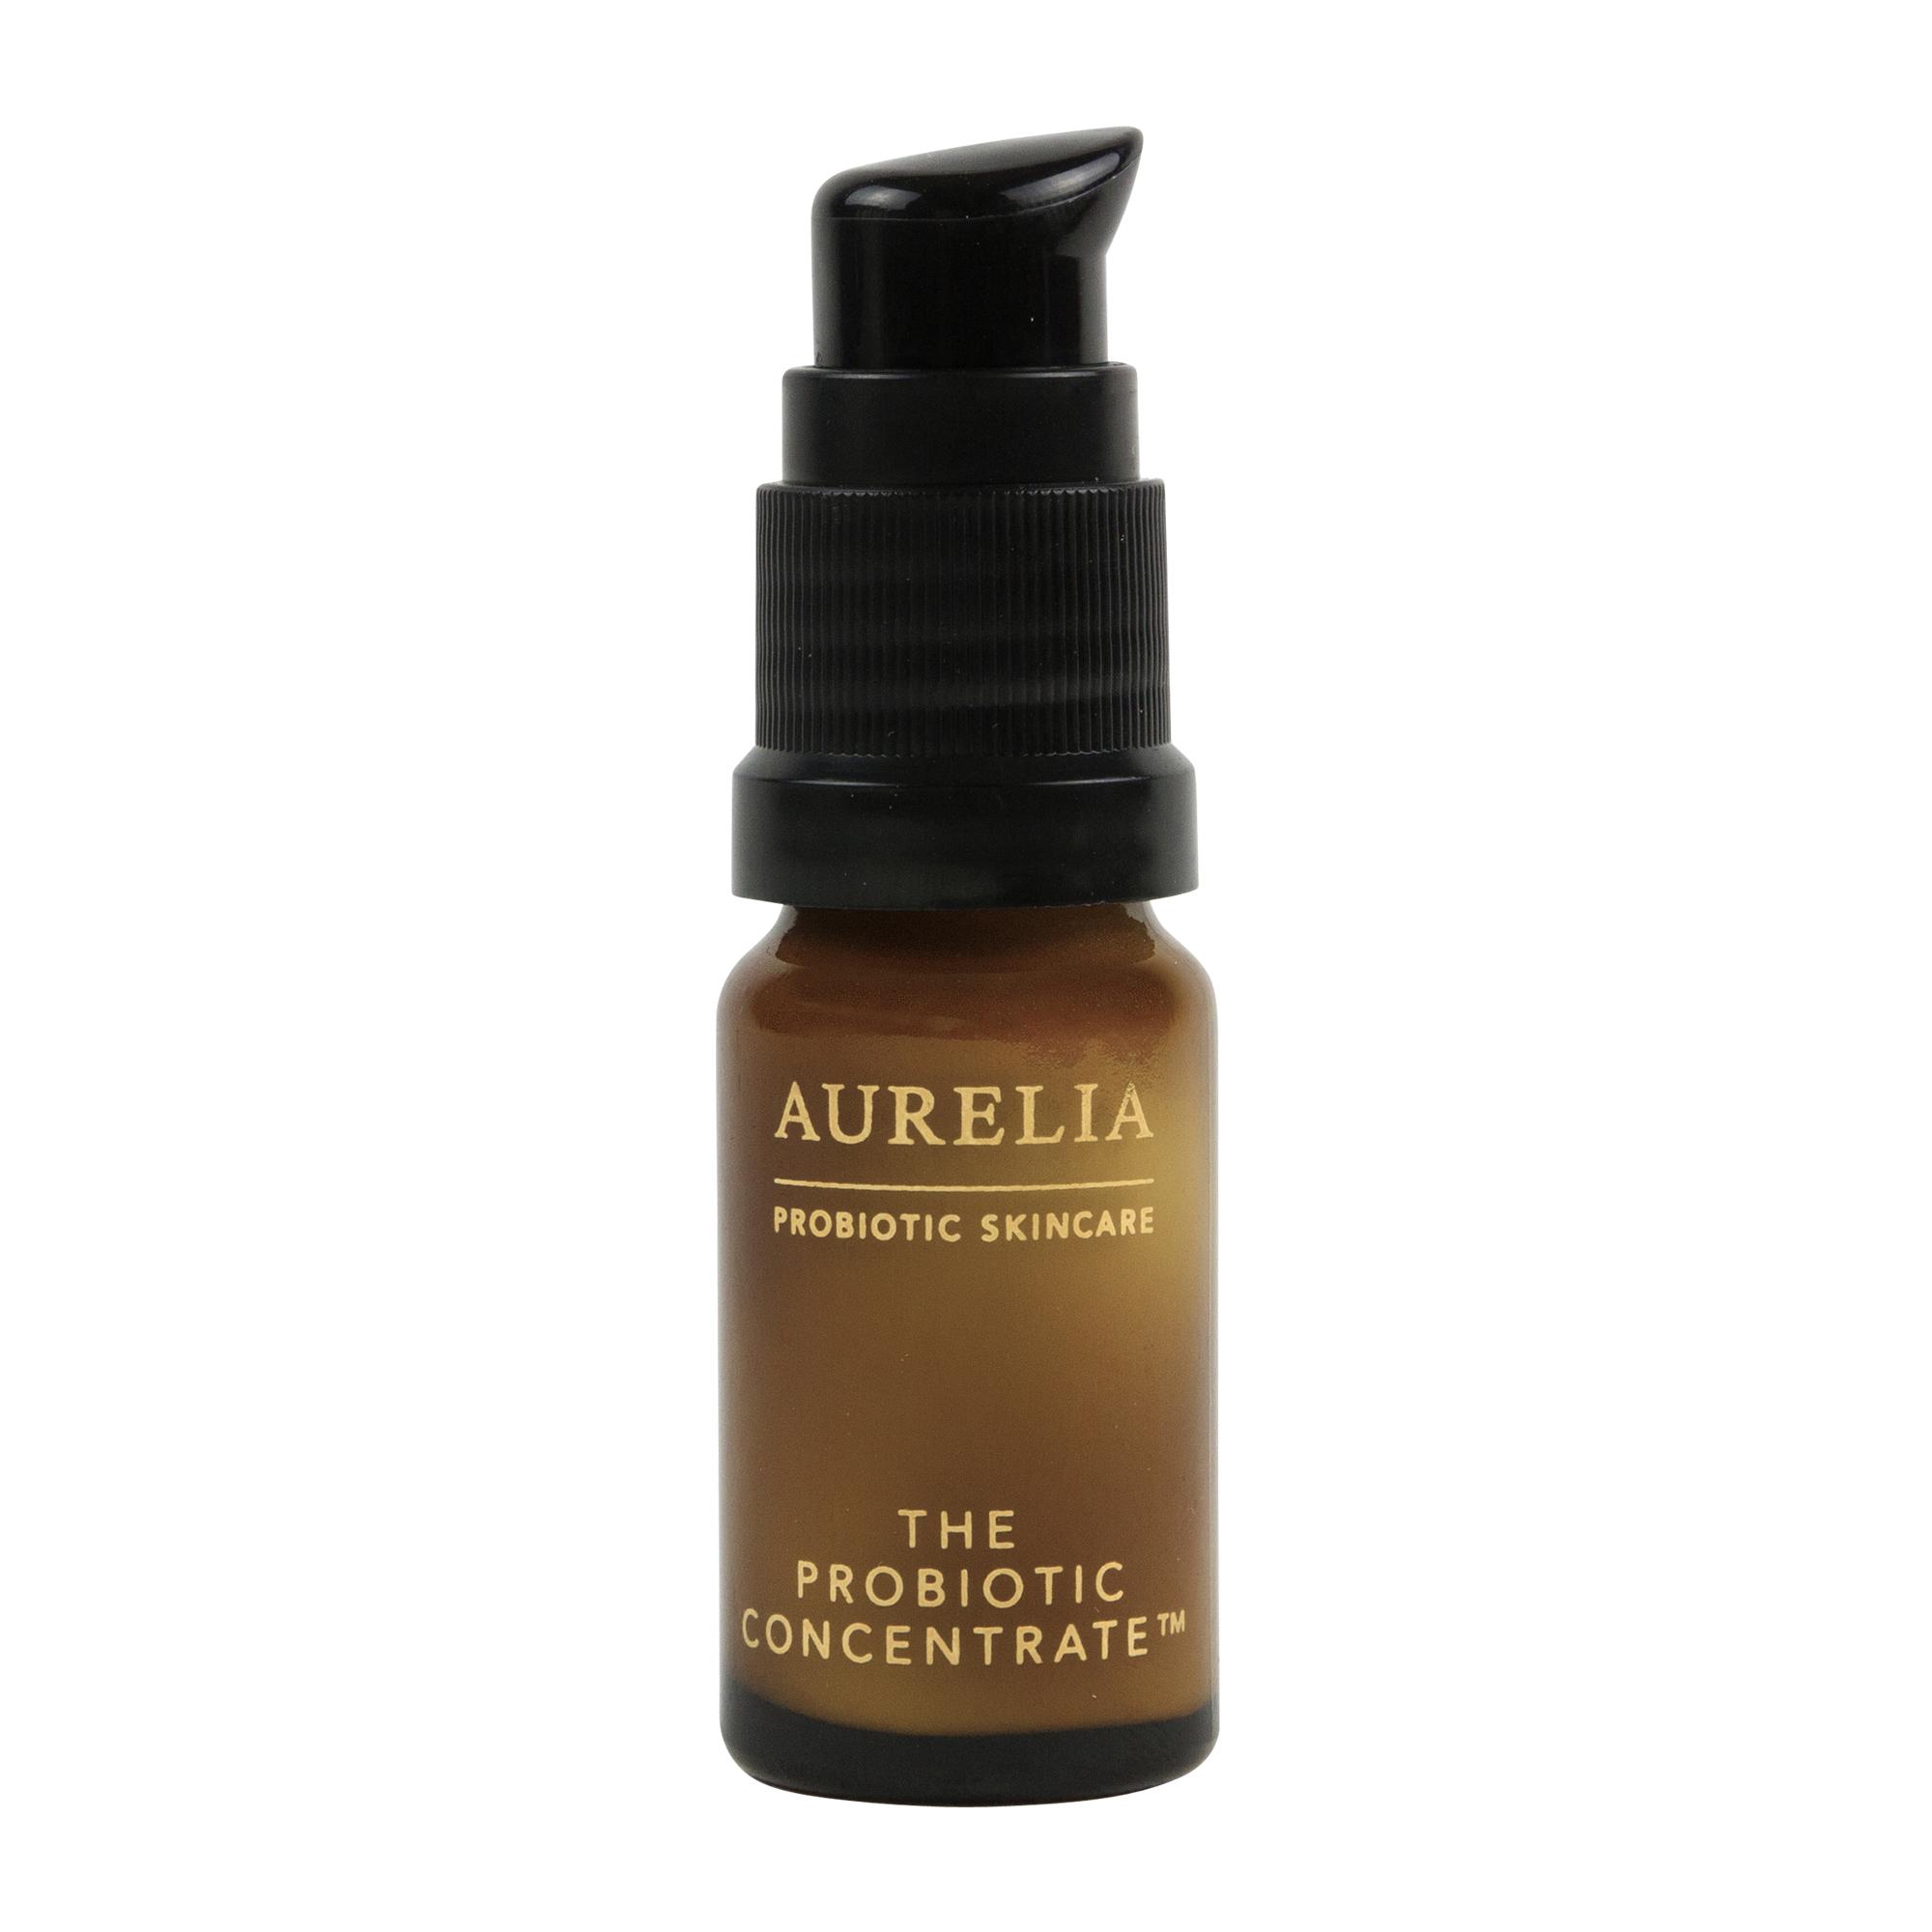 Aurelia Probiotic Skincare Concentrate, 10 ml